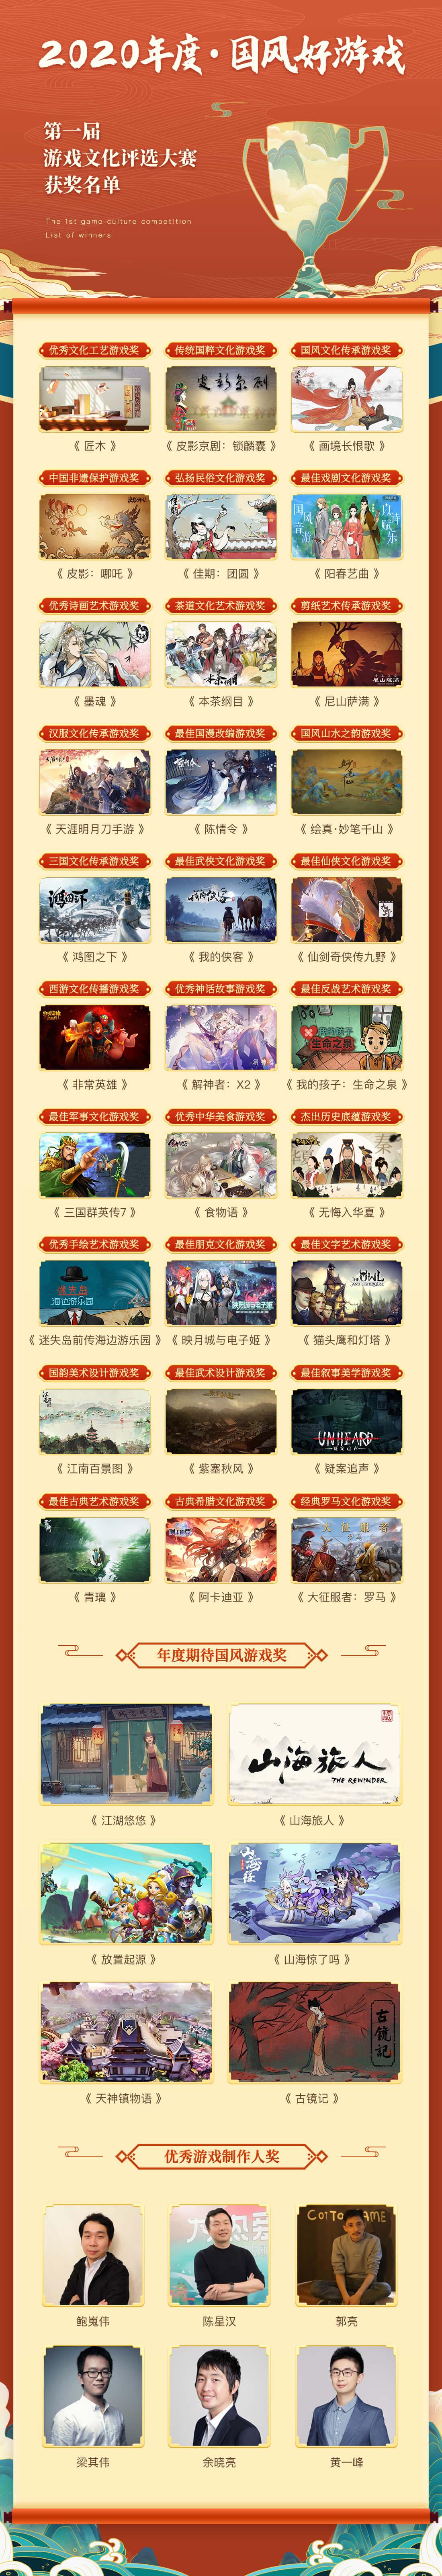 """第一届""""国风好游戏""""游戏文化评选大赛圆满闭幕,获奖名单揭晓3"""